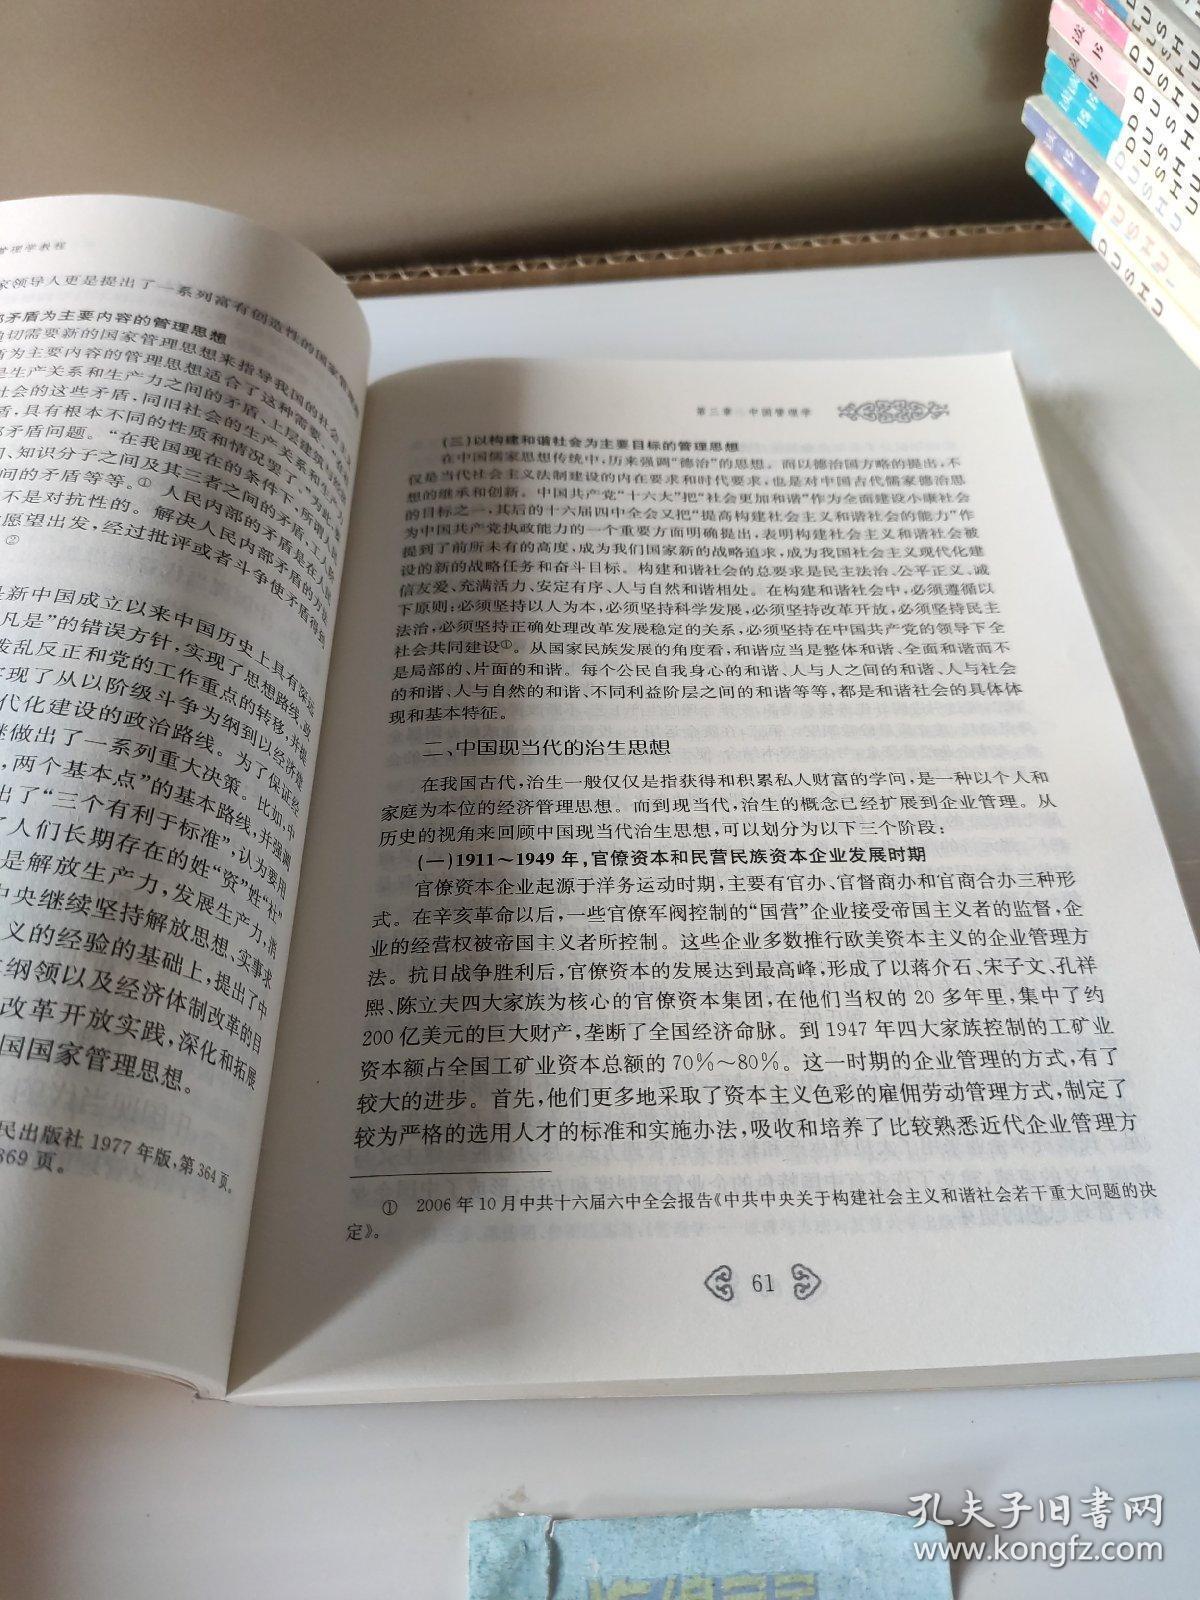 [美]斯蒂芬.P.罗宾斯著.《管理学》北京:中国人民大学出版社...